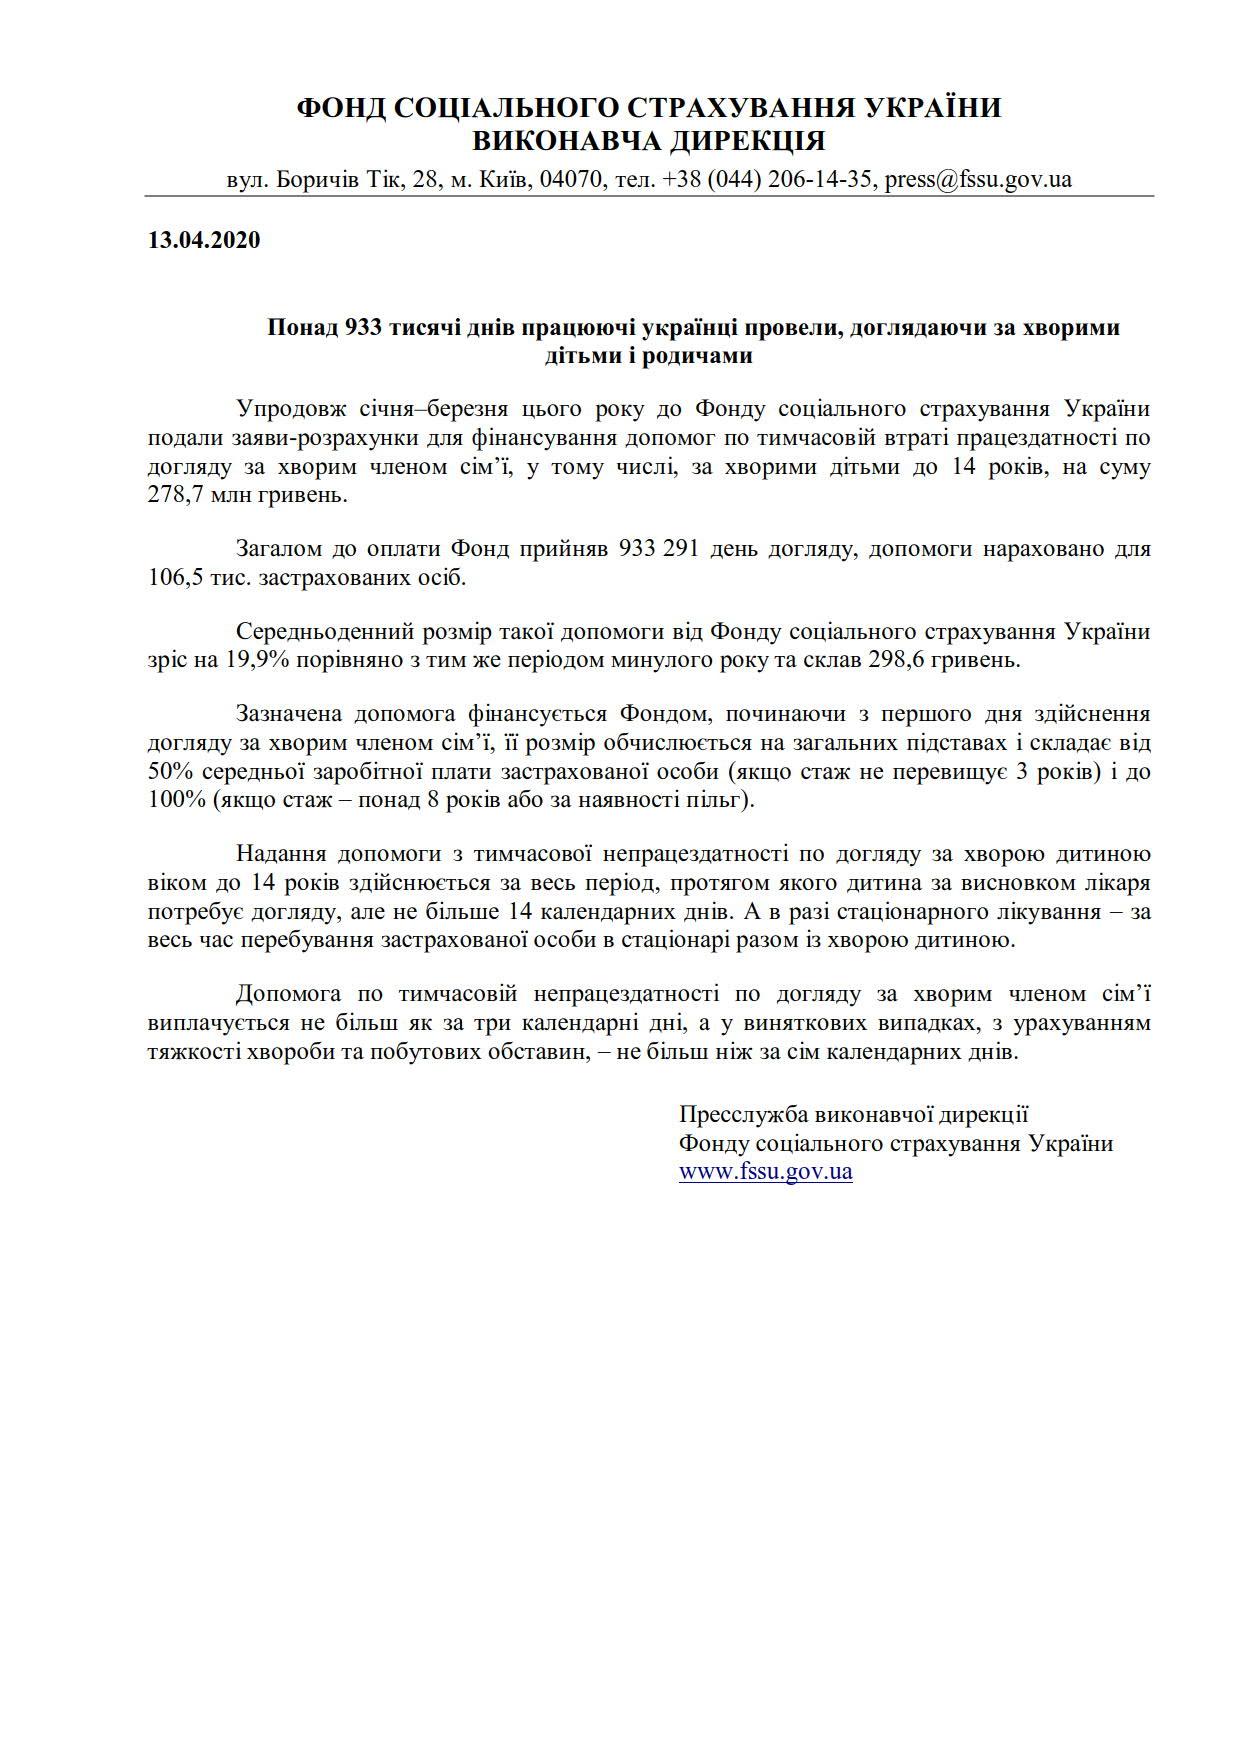 ФССУ_Догляд 1 квартал 2020_1